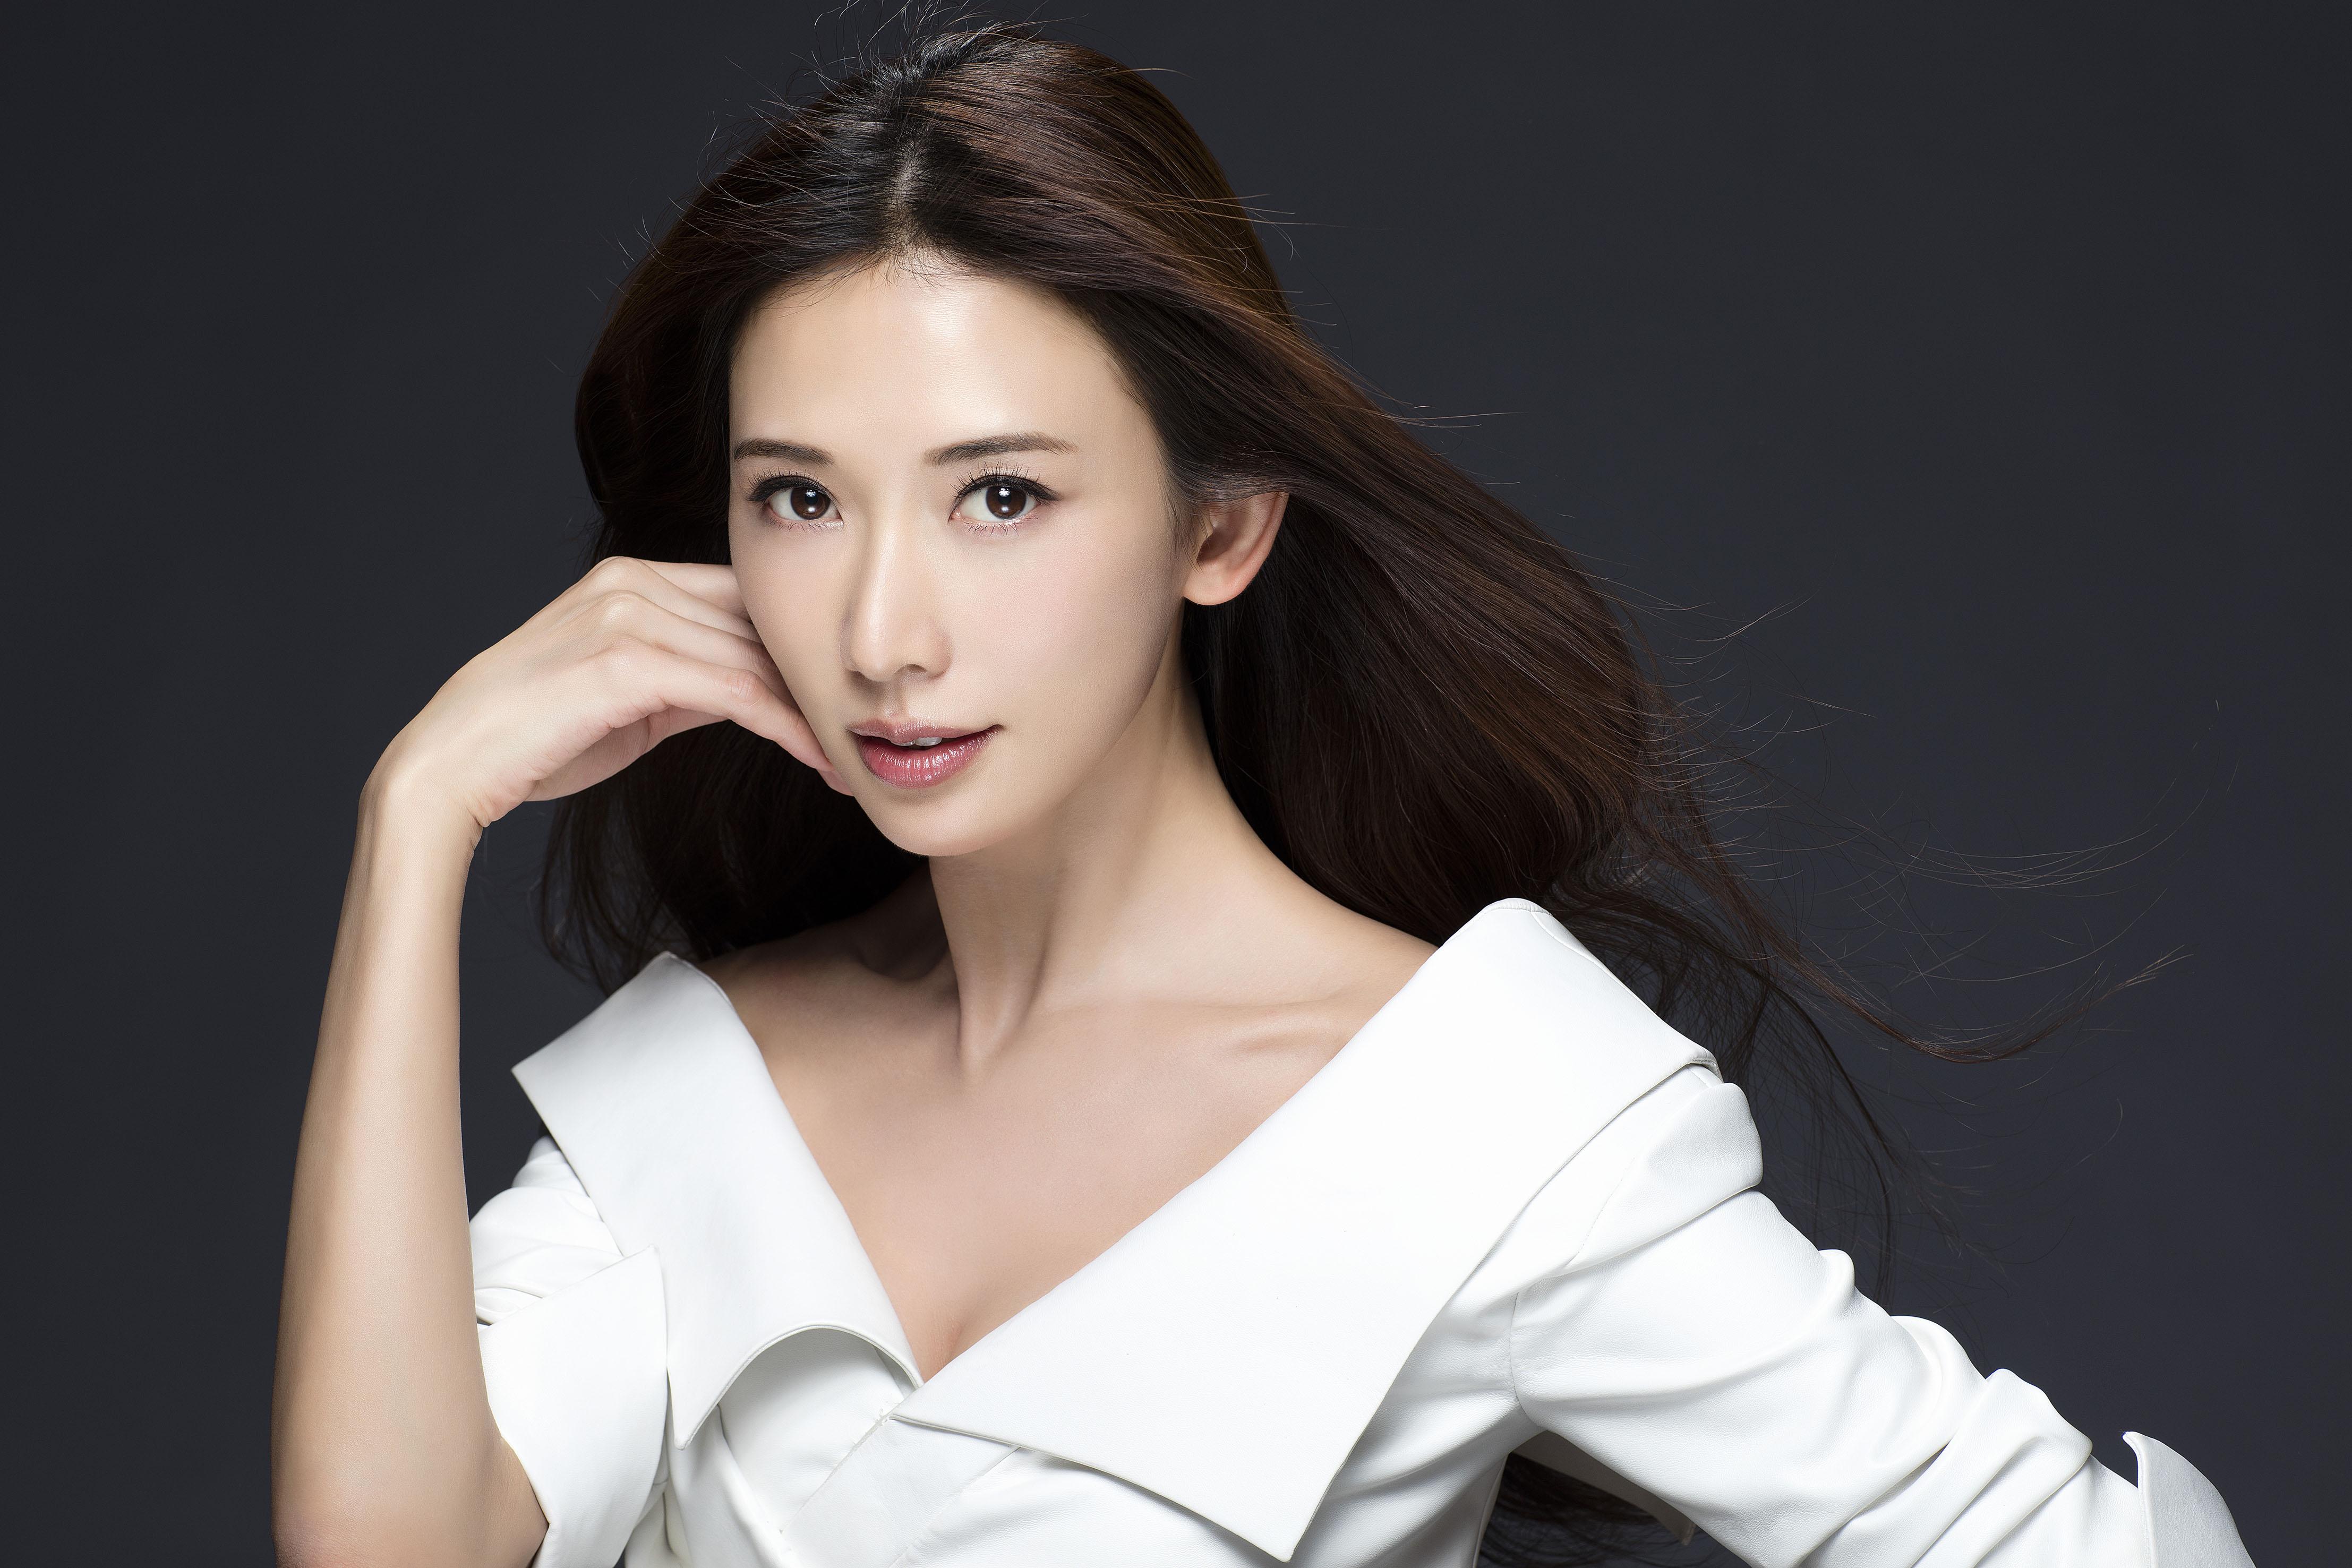 林志玲婚后将改名 黑泽志玲 某导演呼吁抵制其在中国捞金